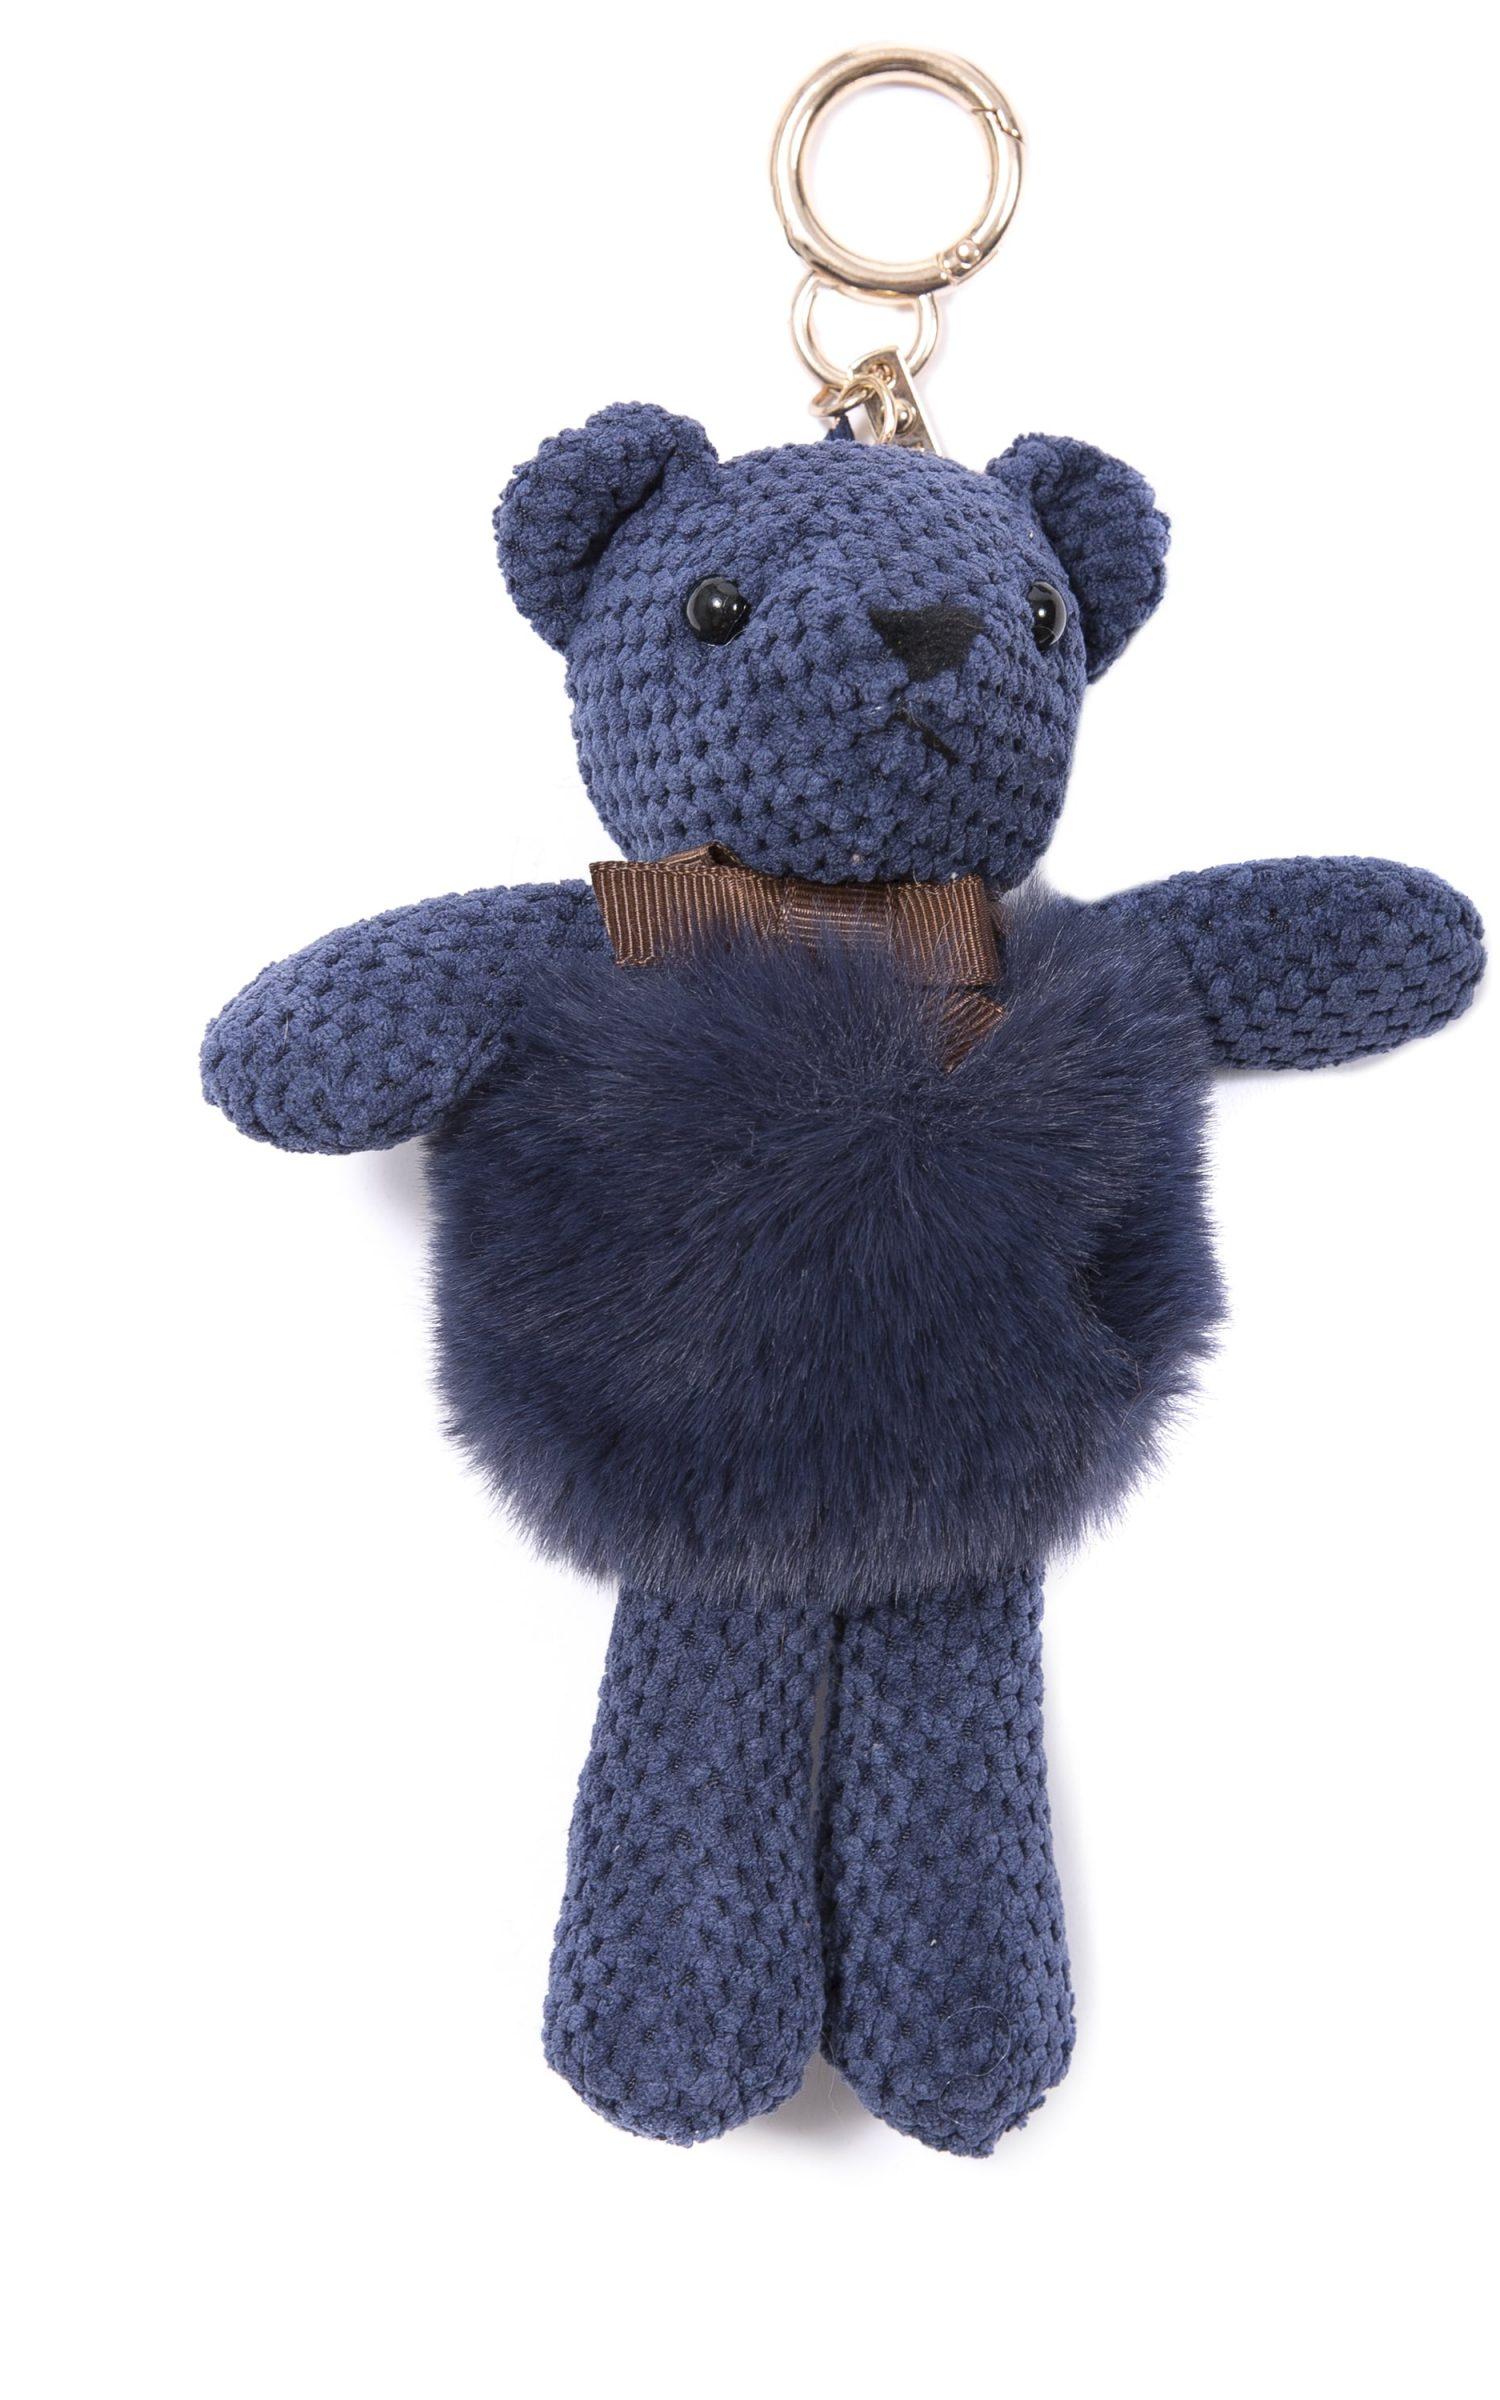 jayley-faux-fur-teddy-bear-p1104-12927_zoom